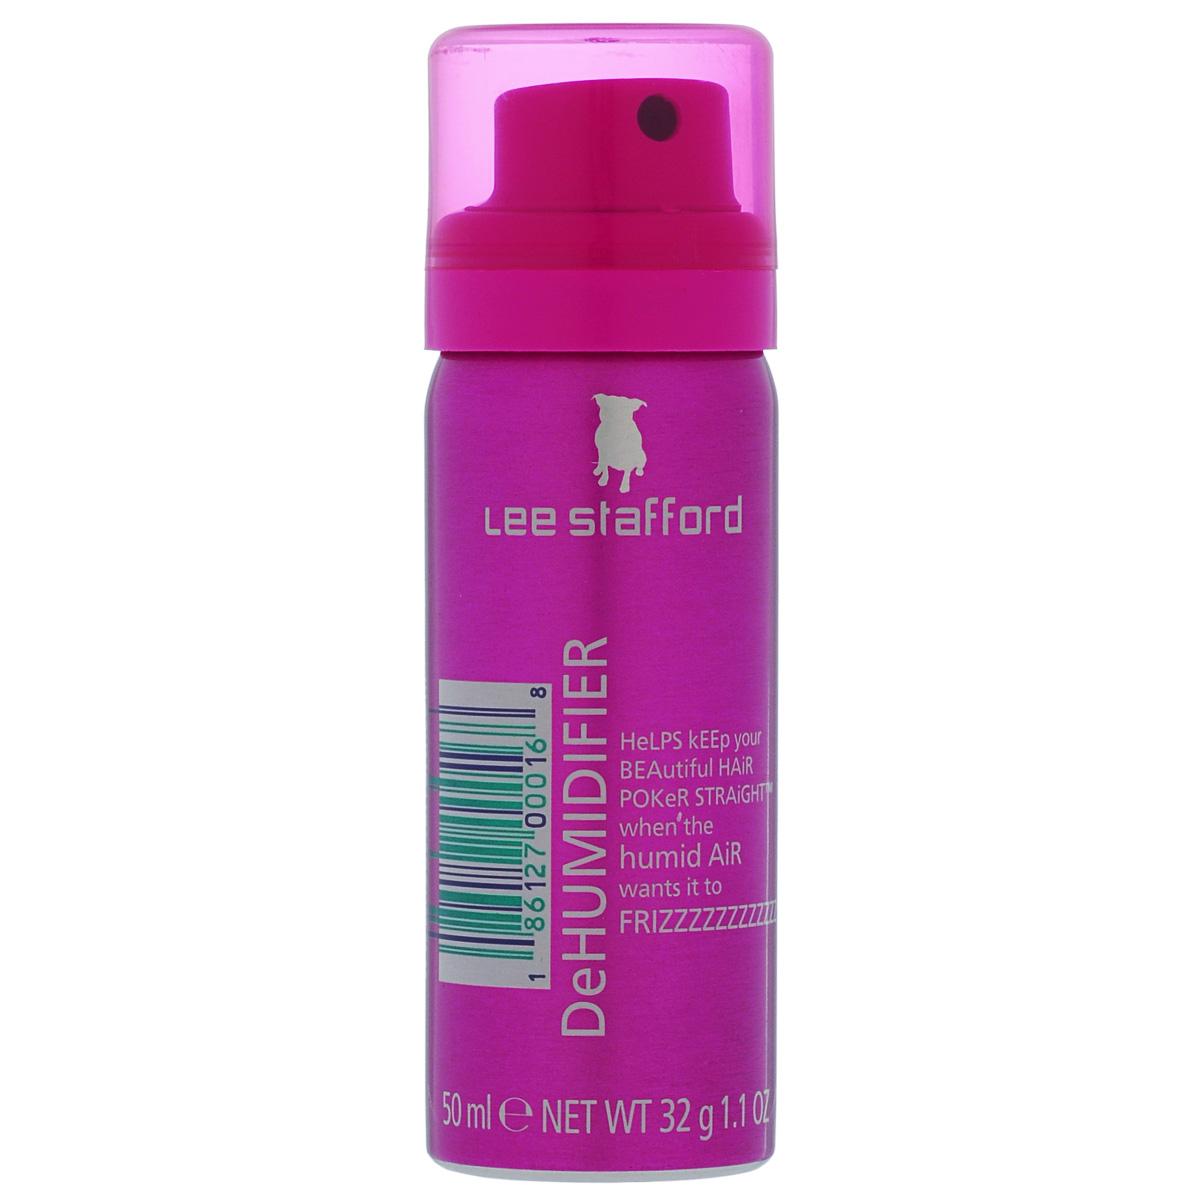 Lee Stafford Спрей для предотвращения завивания волос Poker Straight Mini, 50 млFS-00103400403 Lee Stafford Спрей для предотвращения завивания волос Poker Straight Dehumidifier, 50 мл. Даже под воздействием влажного воздуха, ваши волосы остаются прямыми! Это настоящий «зонтик» для ваших волос. Благодаря входящим в состав компонентам, обеспечивается легкое и эффективное воздействие на волосы, предотвращая их завивание. Распыляйте с расстояния 30-50 см по всей поверхности волос передспортом, прогоулкой, перед тем, как лечь спать